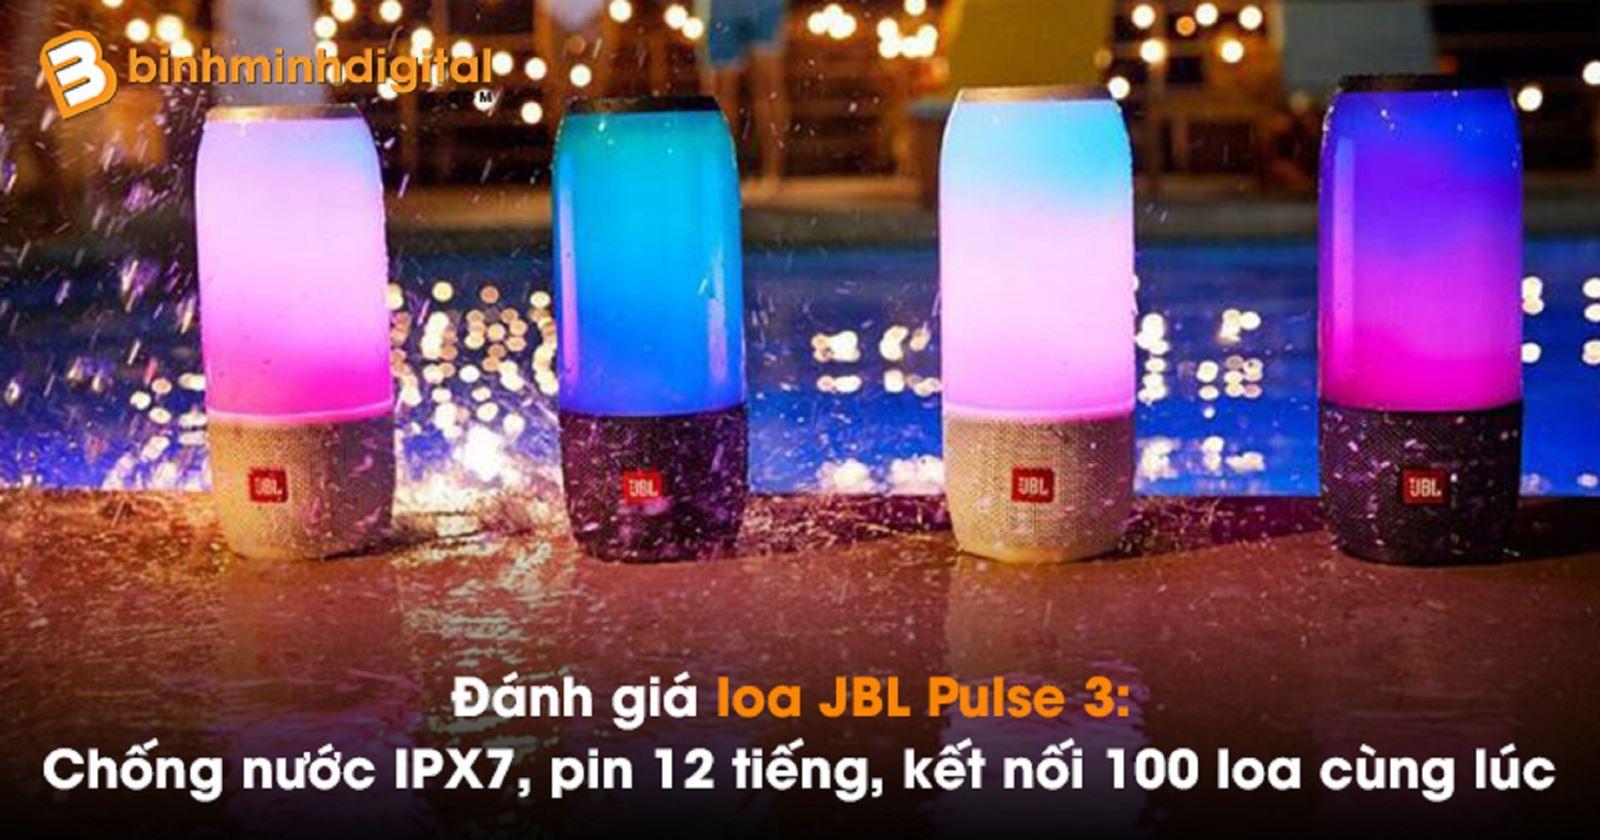 Đánh giáloa JBL Pulse 3:Chống nước IPX7, pin 12 tiếng, kết nối 100 loa cùng lúc